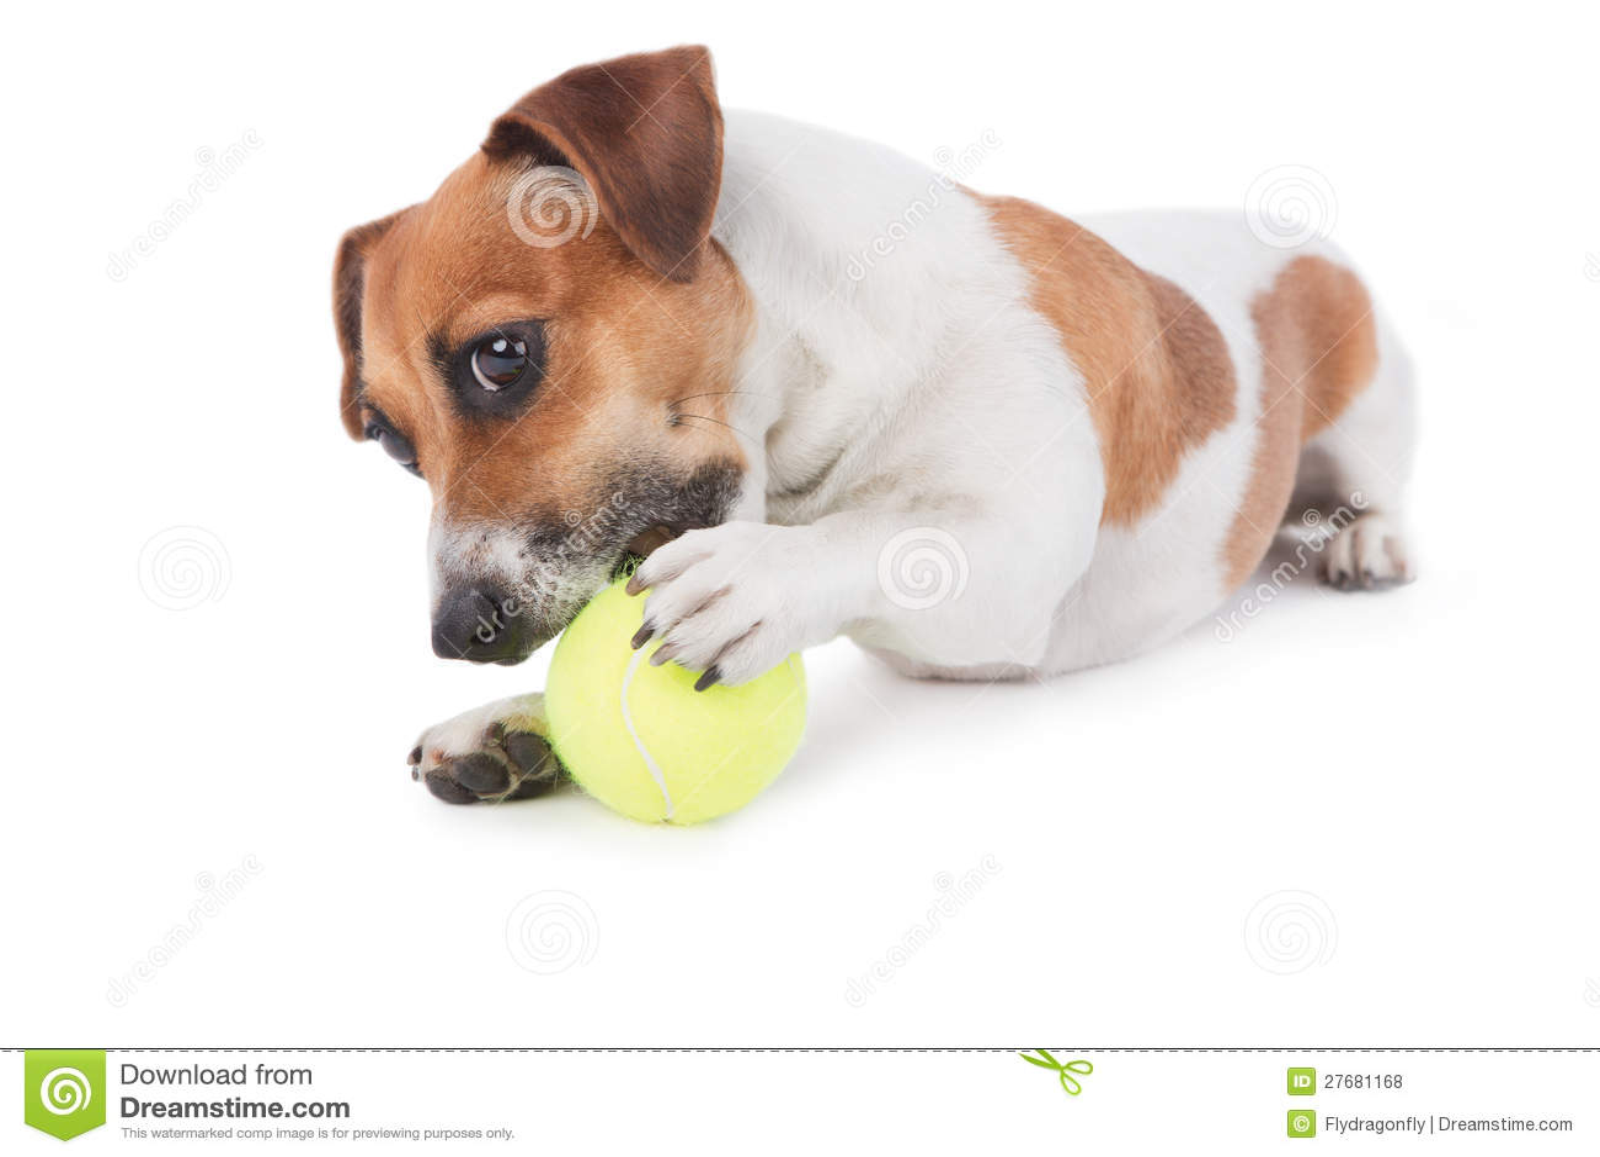 尾随使用与玩具的杰克・罗素狗。